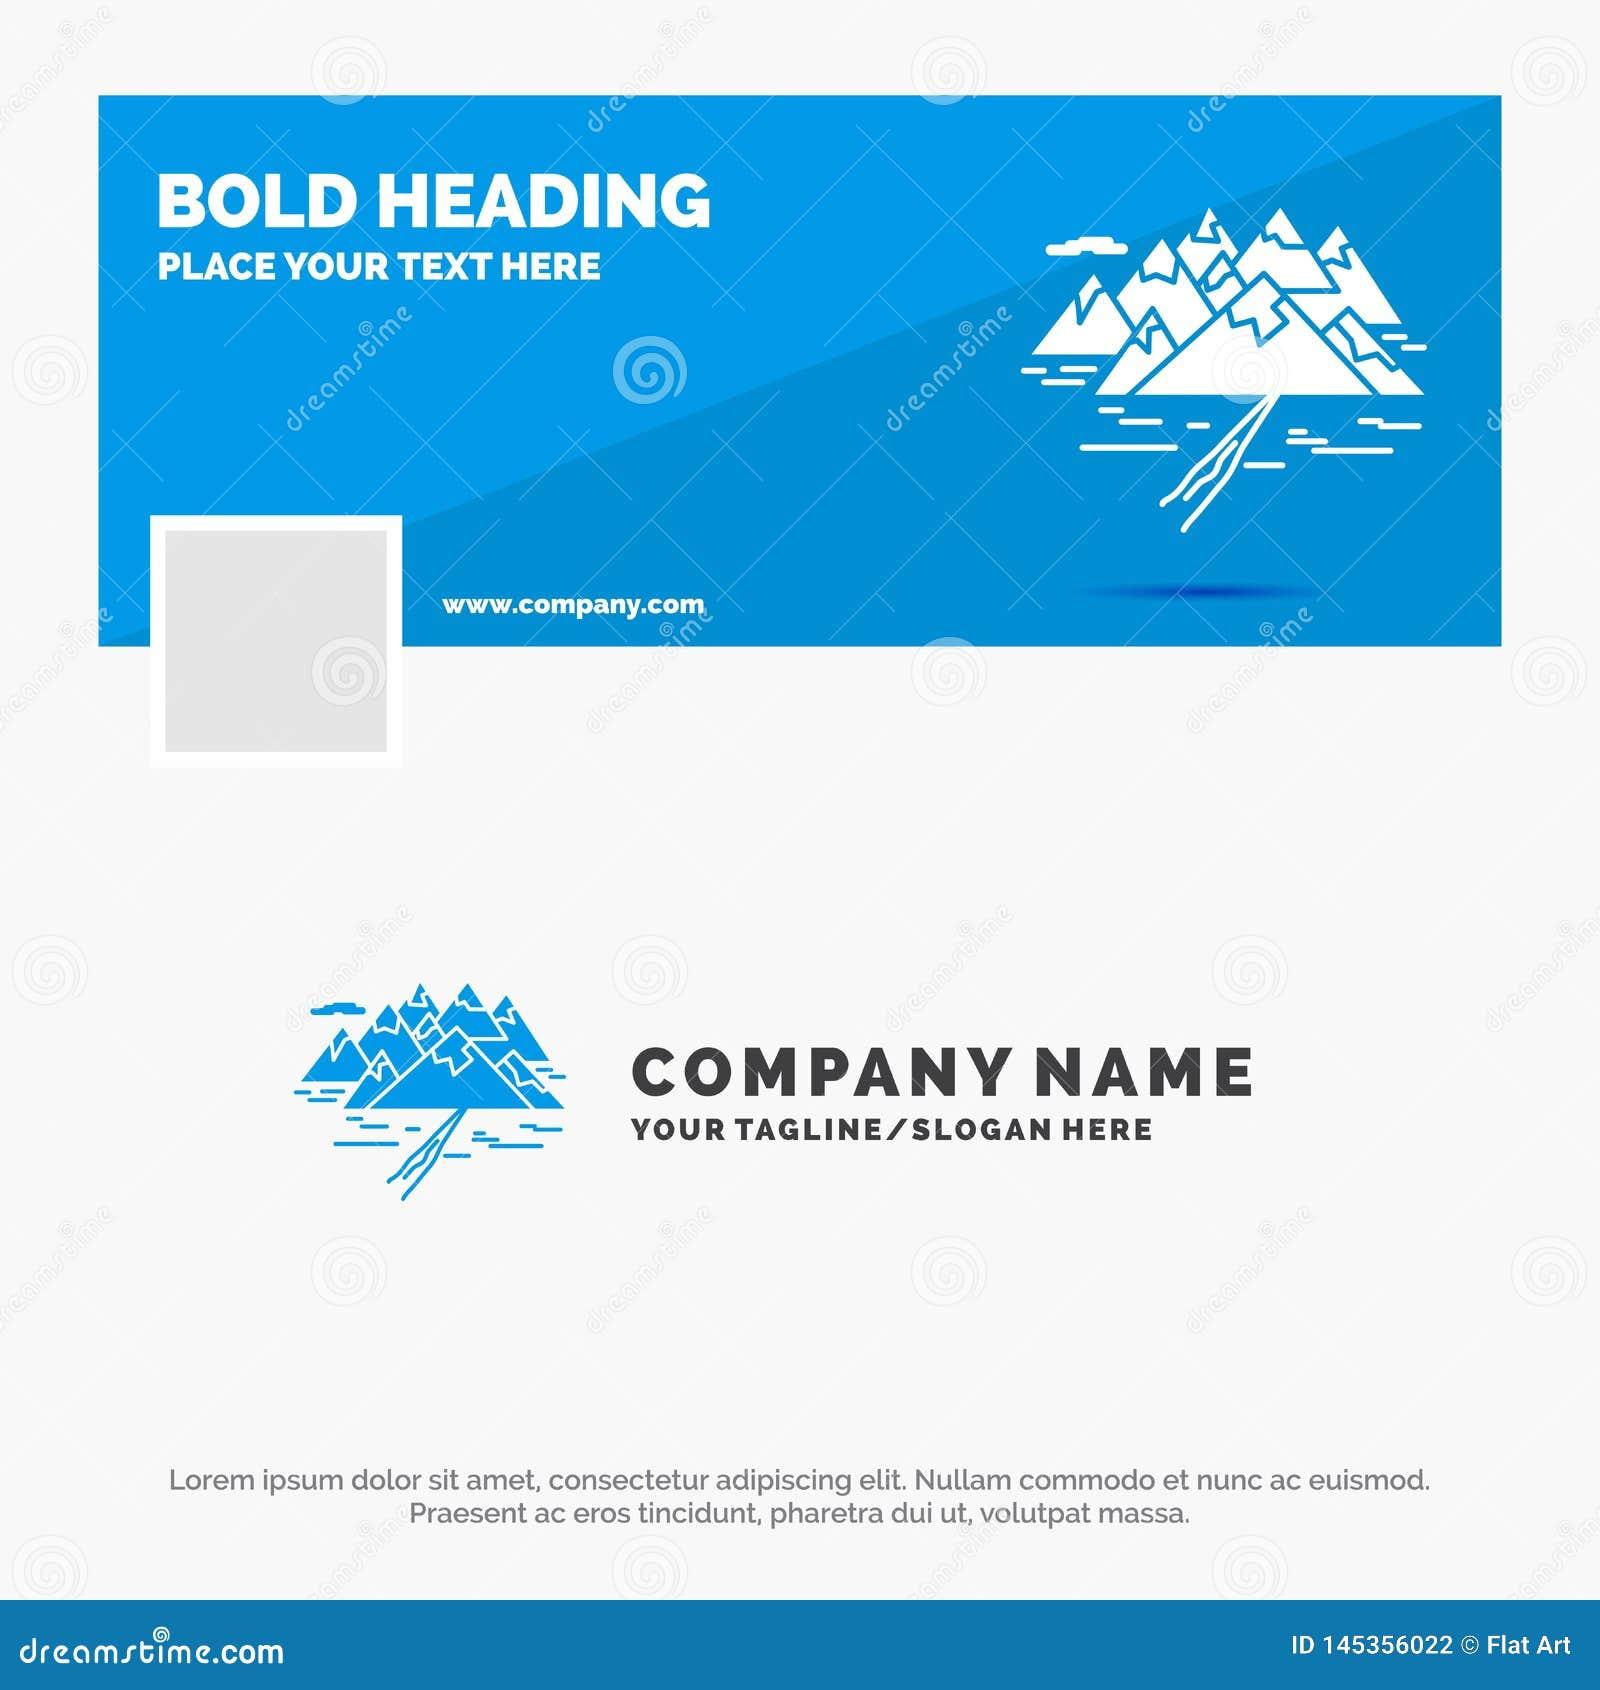 Μπλε πρότυπο επιχειρησιακών λογότυπων για το βουνό, λόφος, τοπίο, βράχοι, ρωγμή Σχέδιο εμβλημάτων υπόδειξης ως προς το χρόνο Face